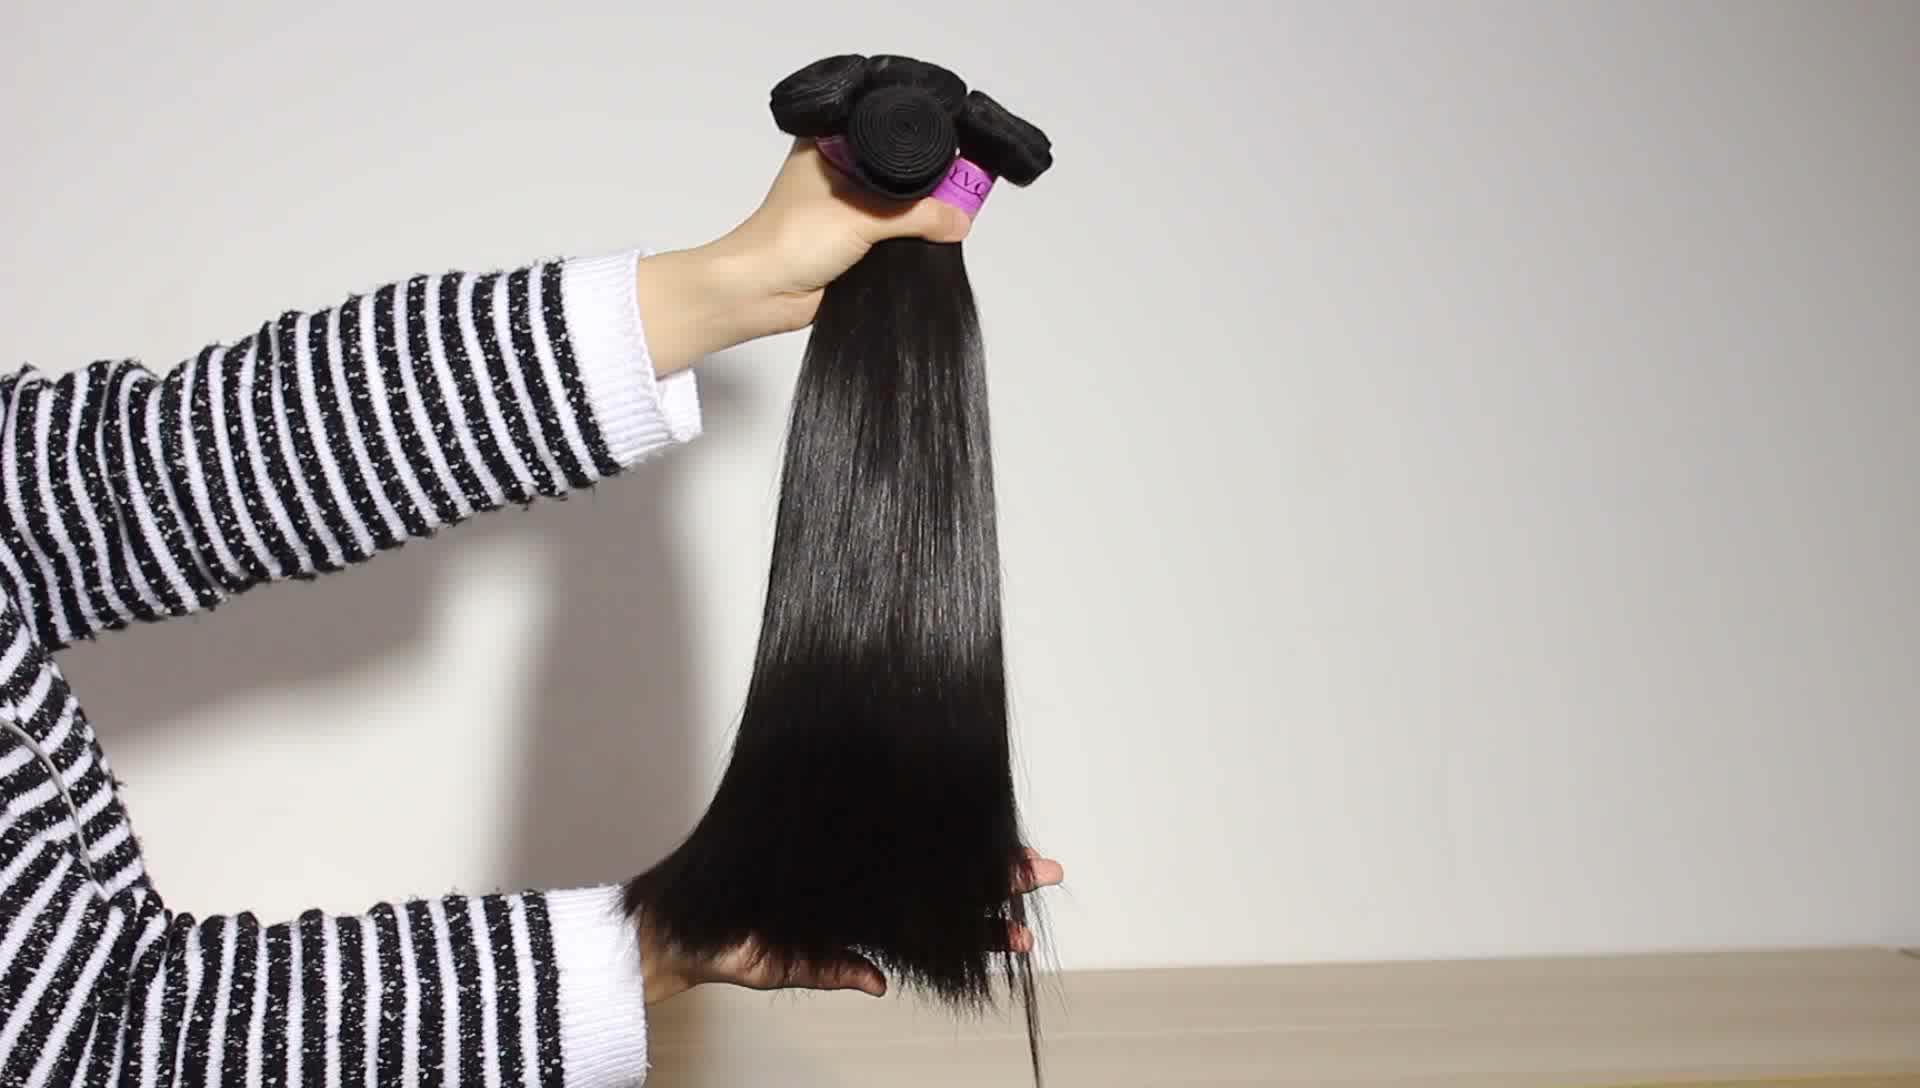 Yvonne grau 9a vison top cutícula virgem crua alinhado pacote de cabelo brasileiro